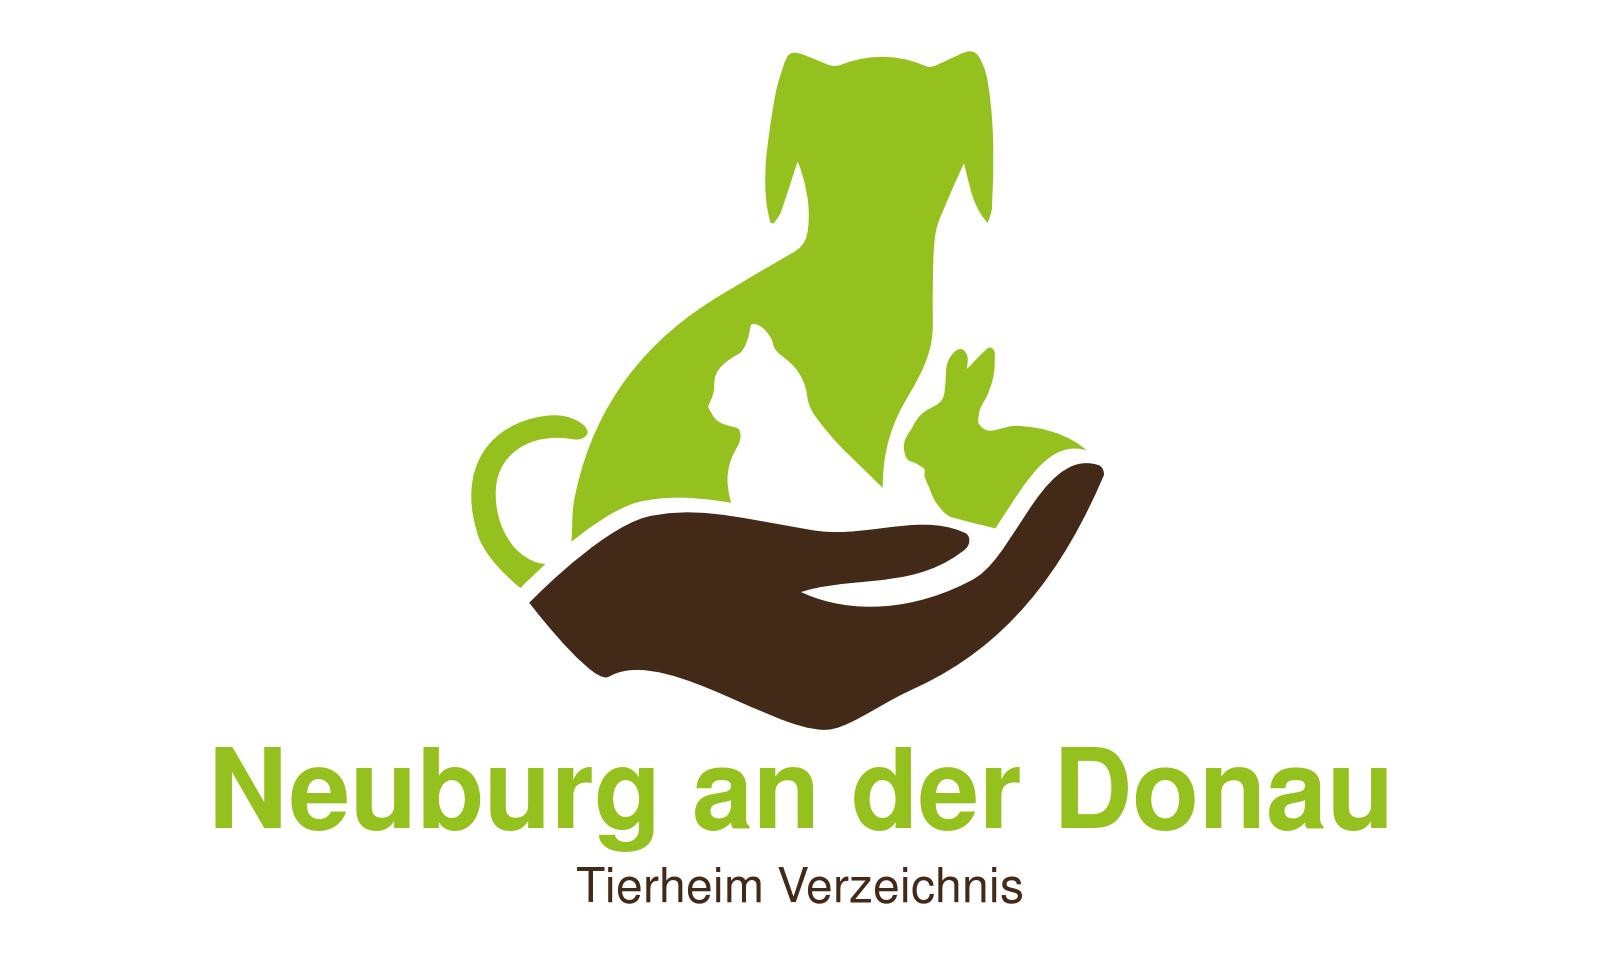 Tierheim Neuburg an der Donau